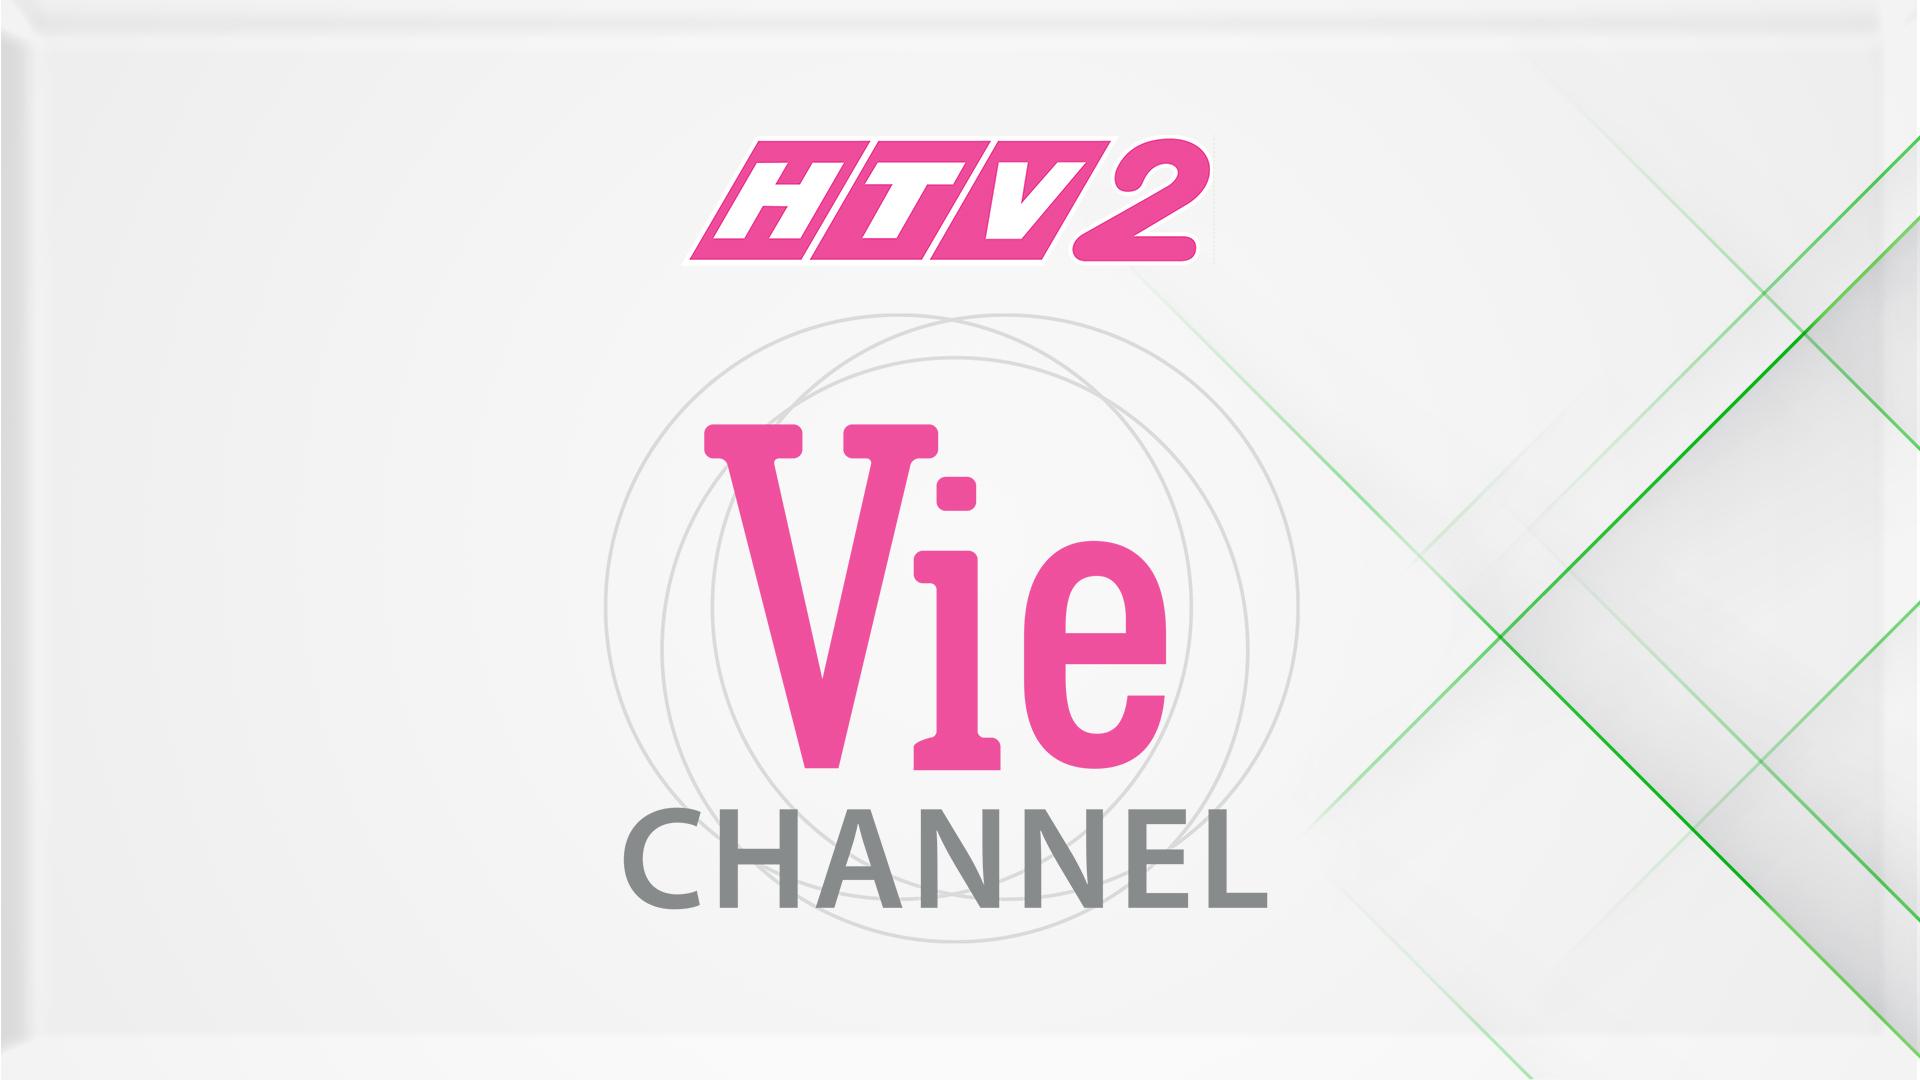 Lịch phát sóng HTV2 - Lịch chiếu HTV2 Thứ bảy ngày 23/01/2021